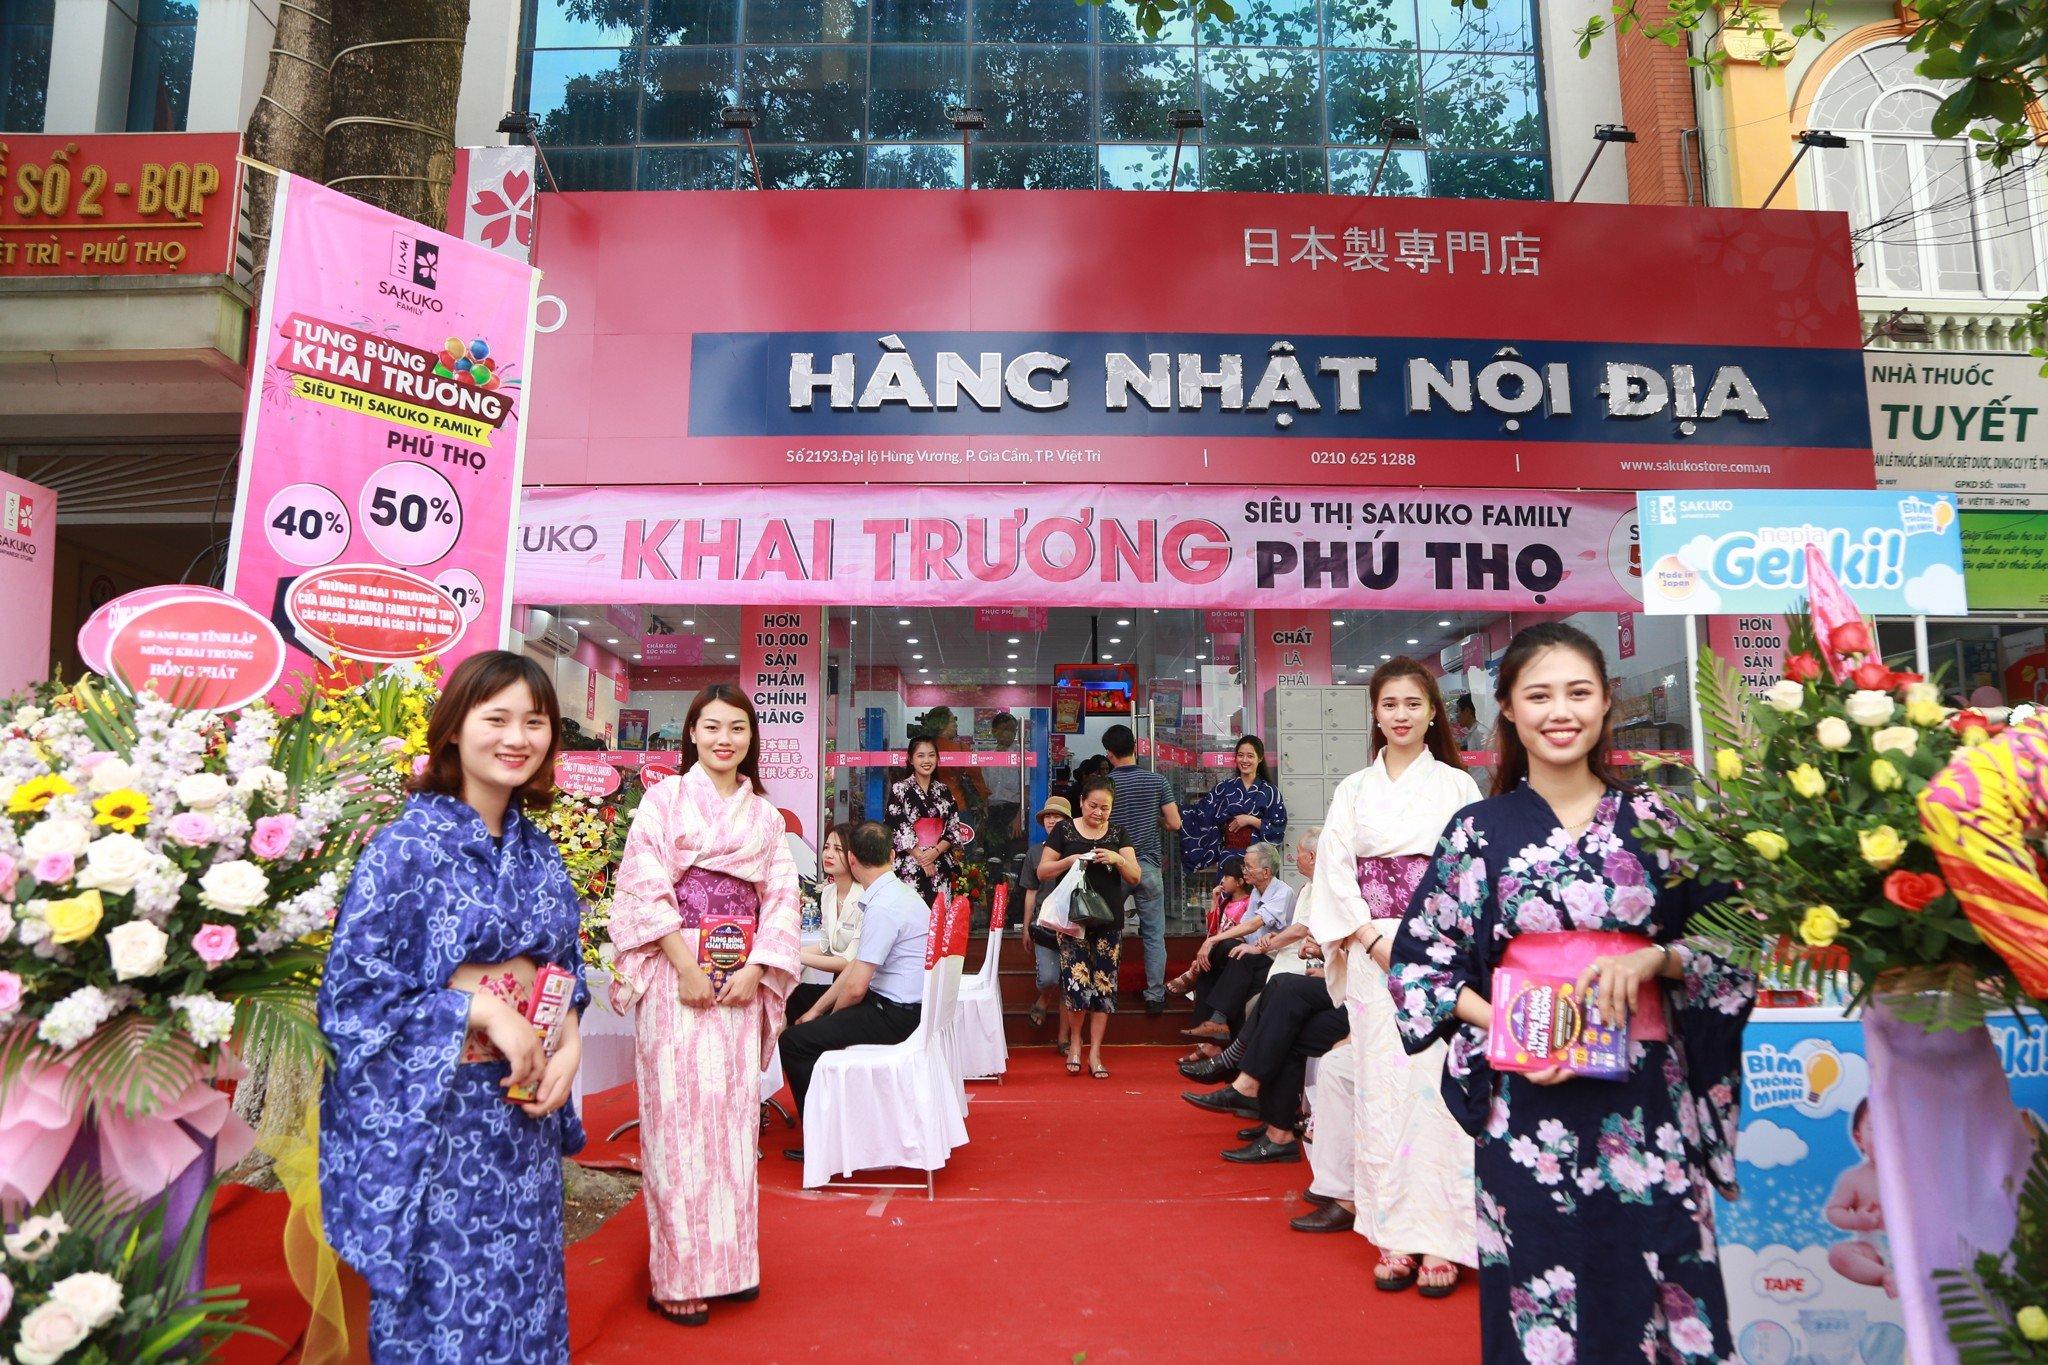 Sakuko Family Phú Thọ - Siêu thị nhượng quyền thương mại hàng Nhật nội địa thứ 8 chính thức khai trương